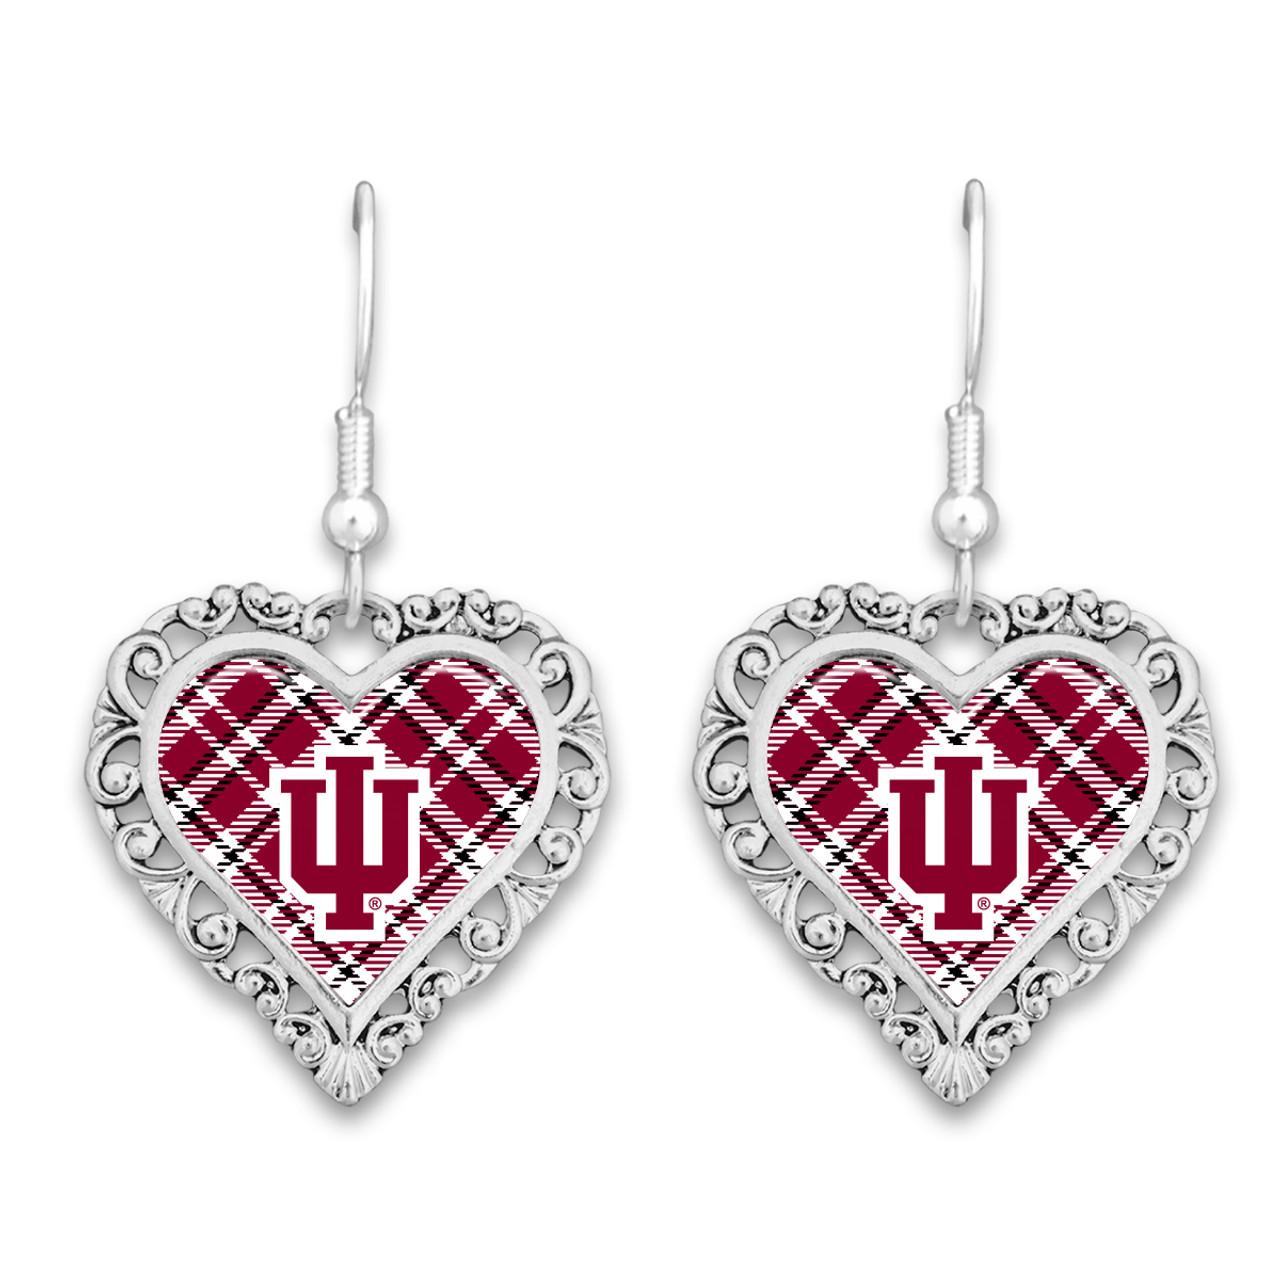 Indiana Hoosiers Earrings- Plaid